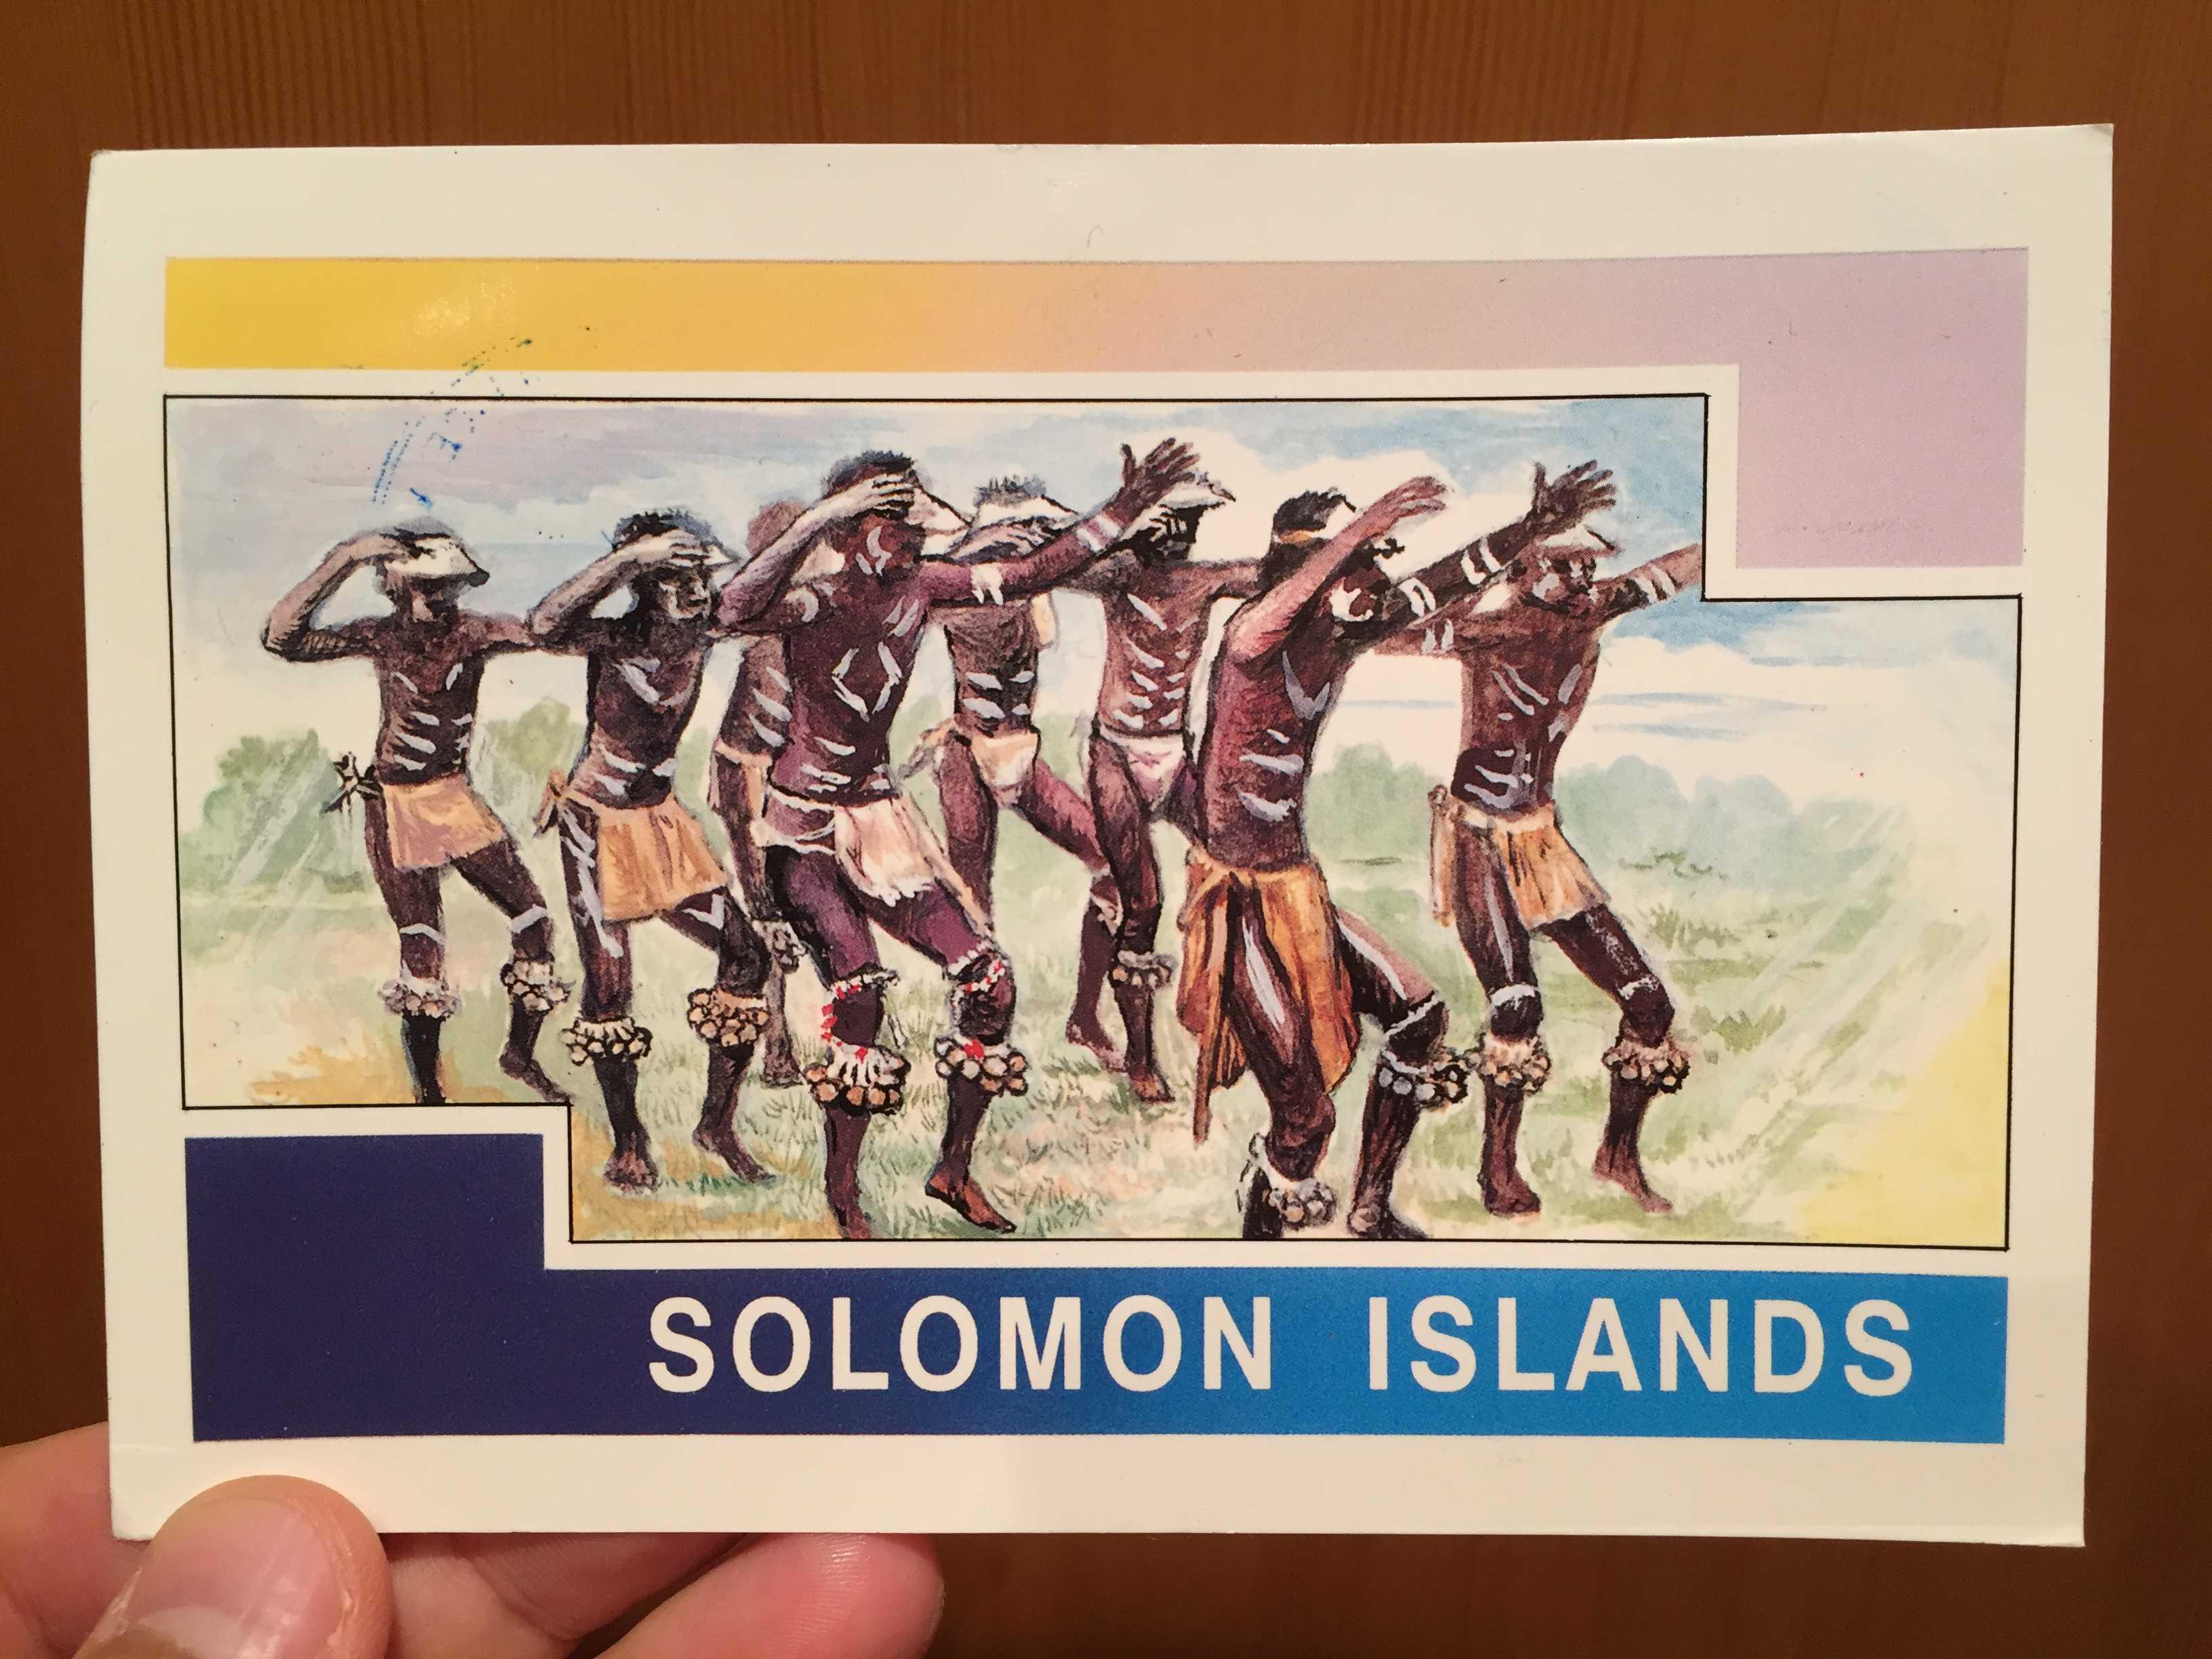 JYMA 日本青年遺骨収集団(ガダルカナル島自主派遣)からクラウドファンディングの寄付へお礼の絵葉書